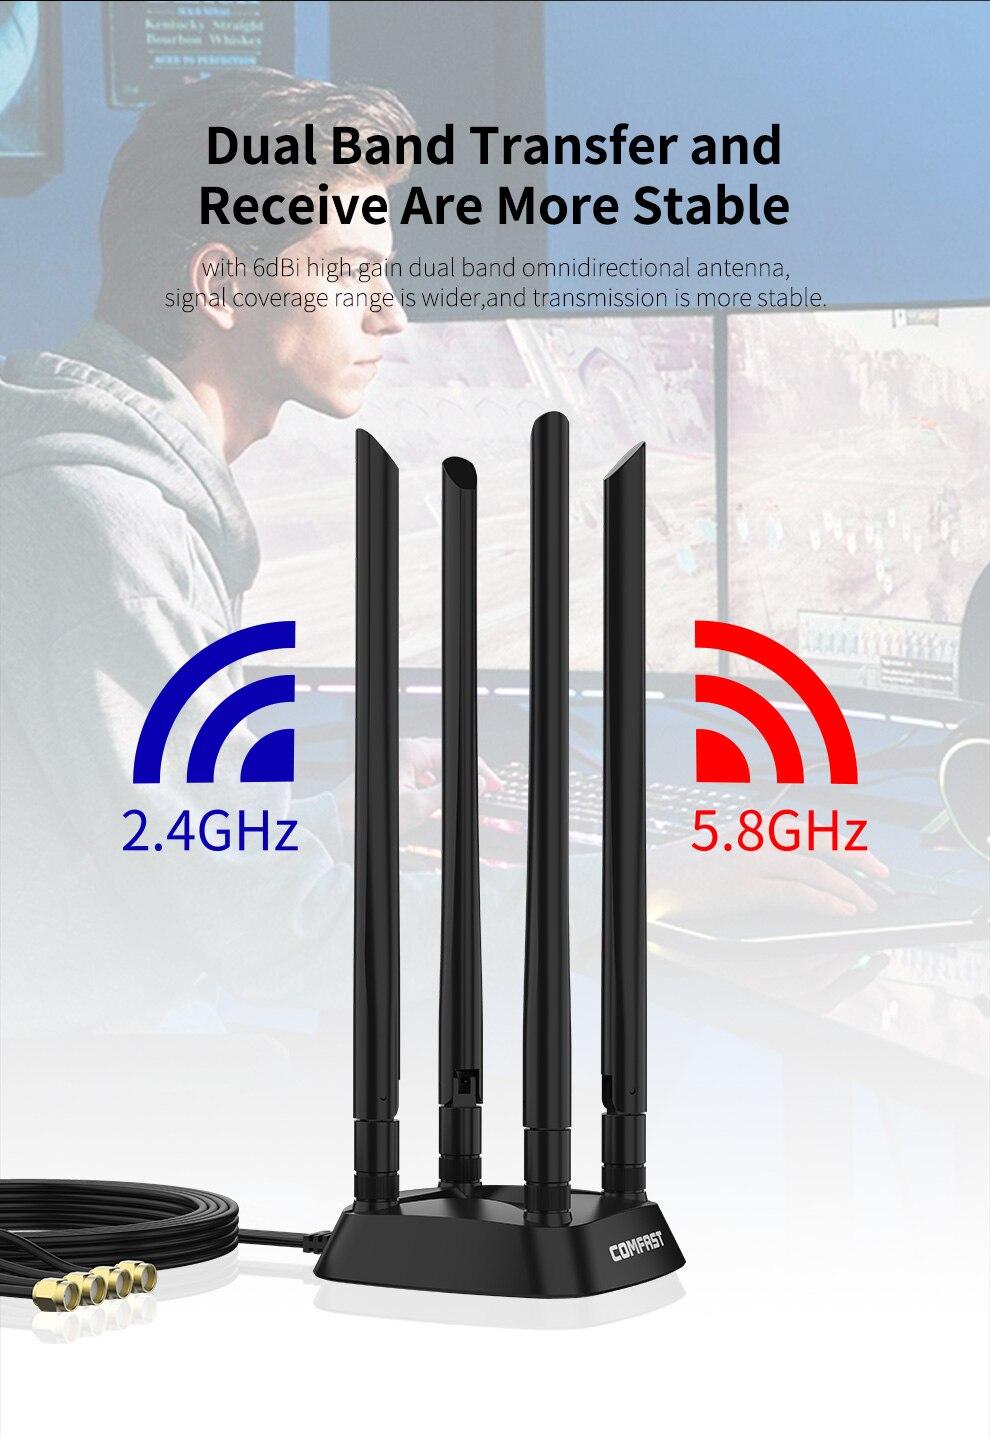 Мощный 4 * 6dBi с высоким коэффициентом усиления Dual Band 2,4 + Wi-Fi 5 ГГц SMA Всенаправленная 1,2 м удлинитель основание антенны для Беспроводной маршру...